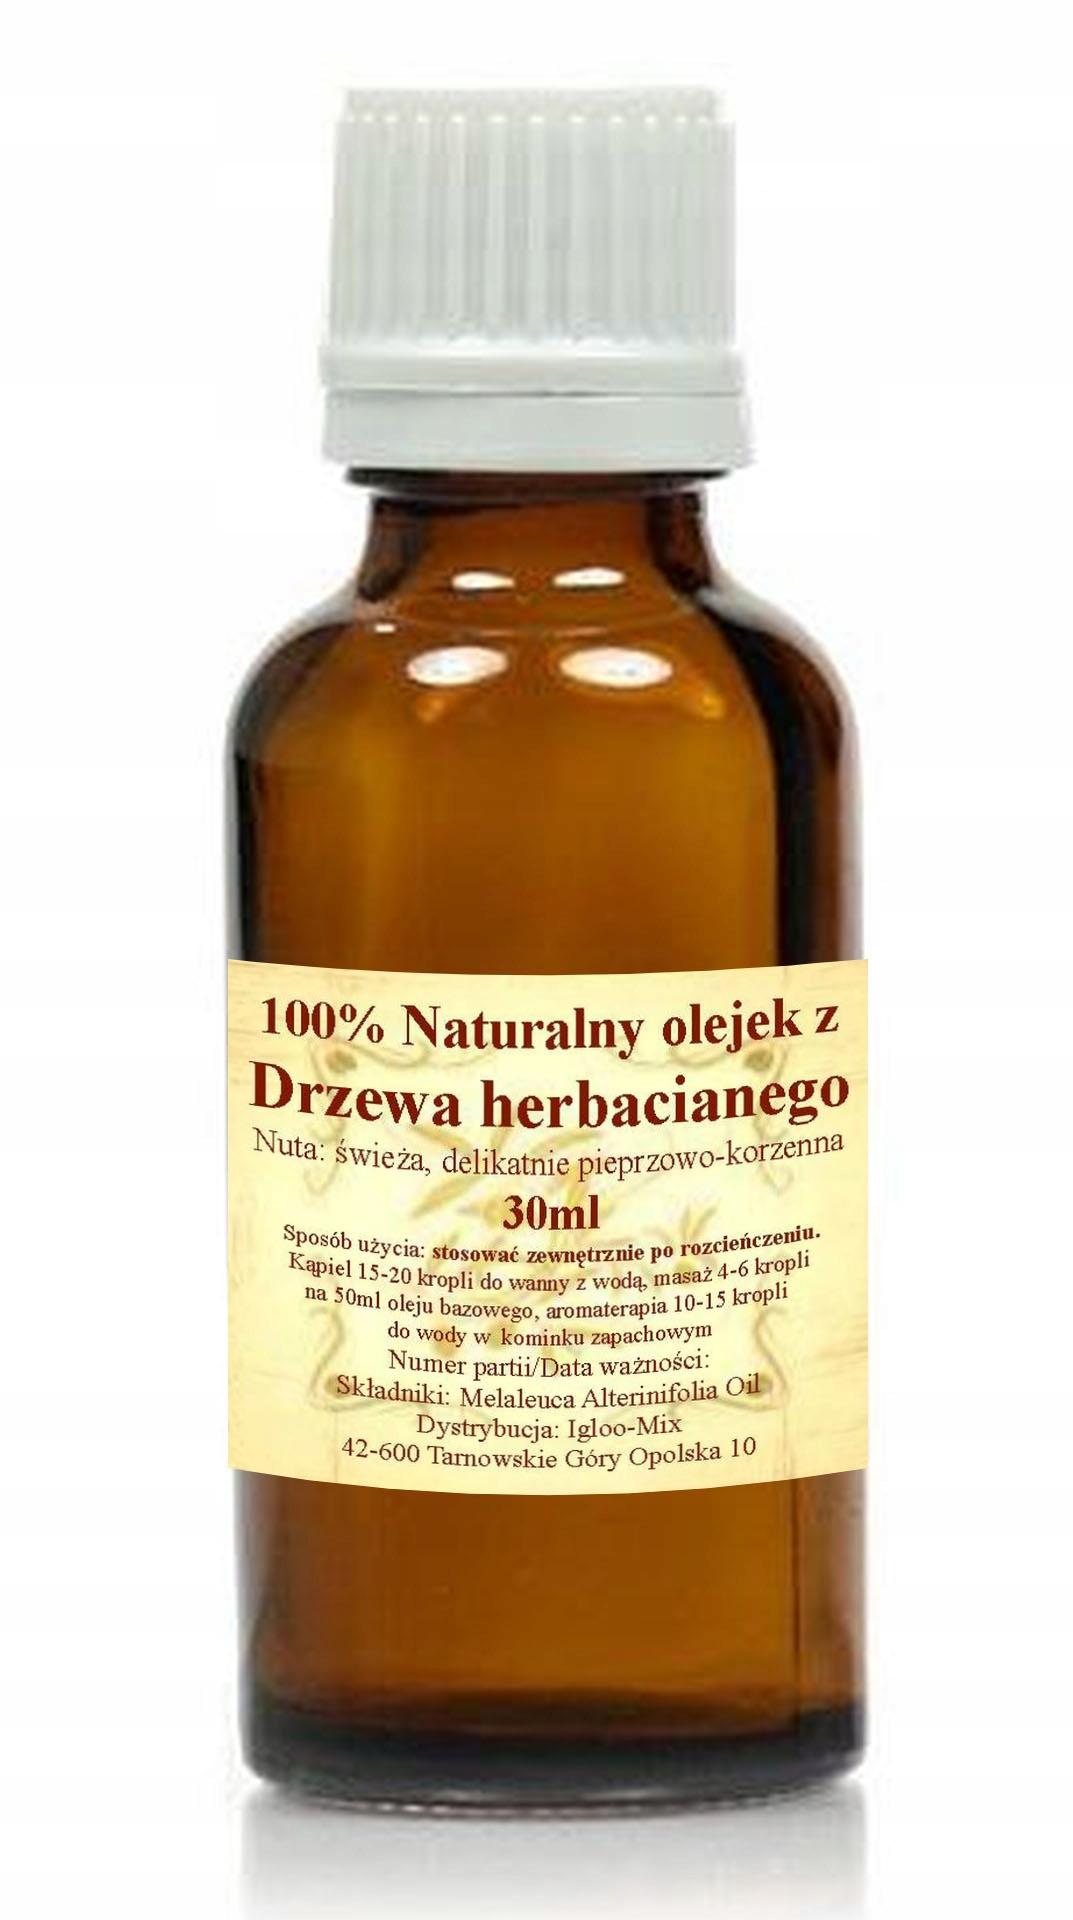 100% OLEJEK ETERYCZNY Z DRZEWA HERBACIANEGO 30ml